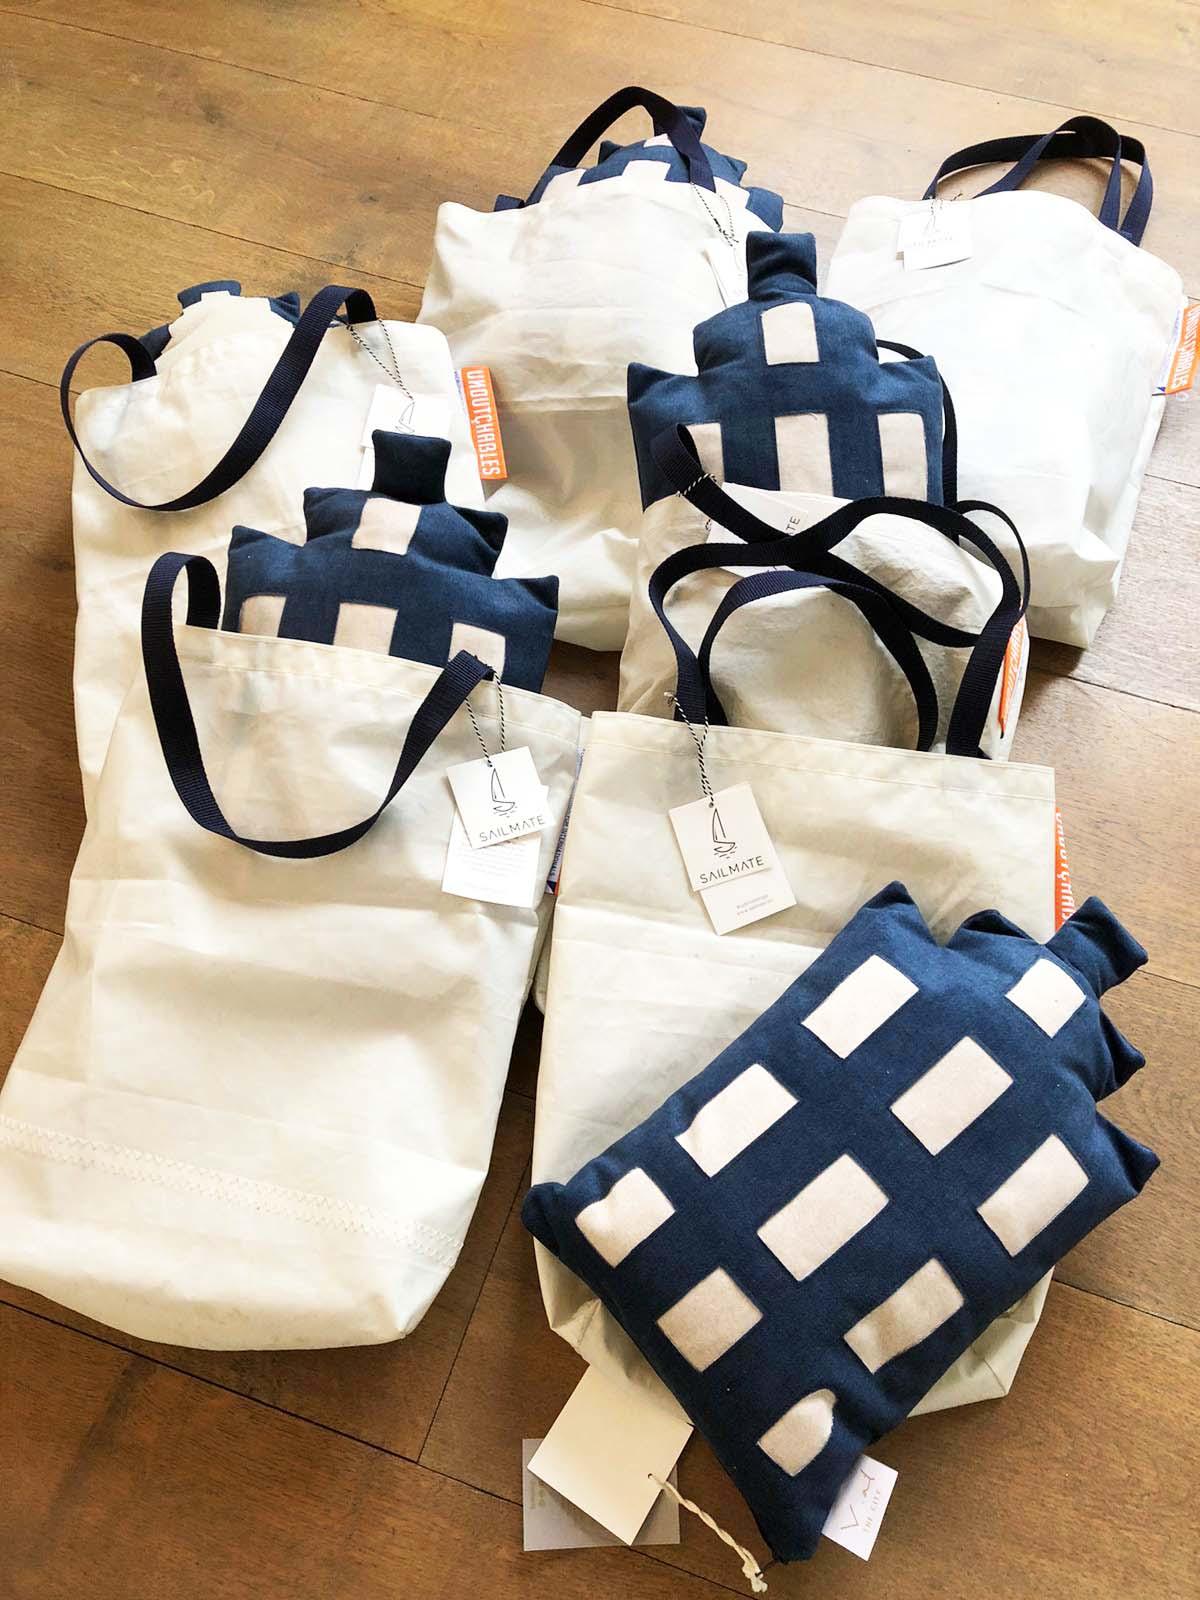 Unsere Tasche. ist Teil eines nachhaltigen Geschenkpaket von den UNDUTCHABLES